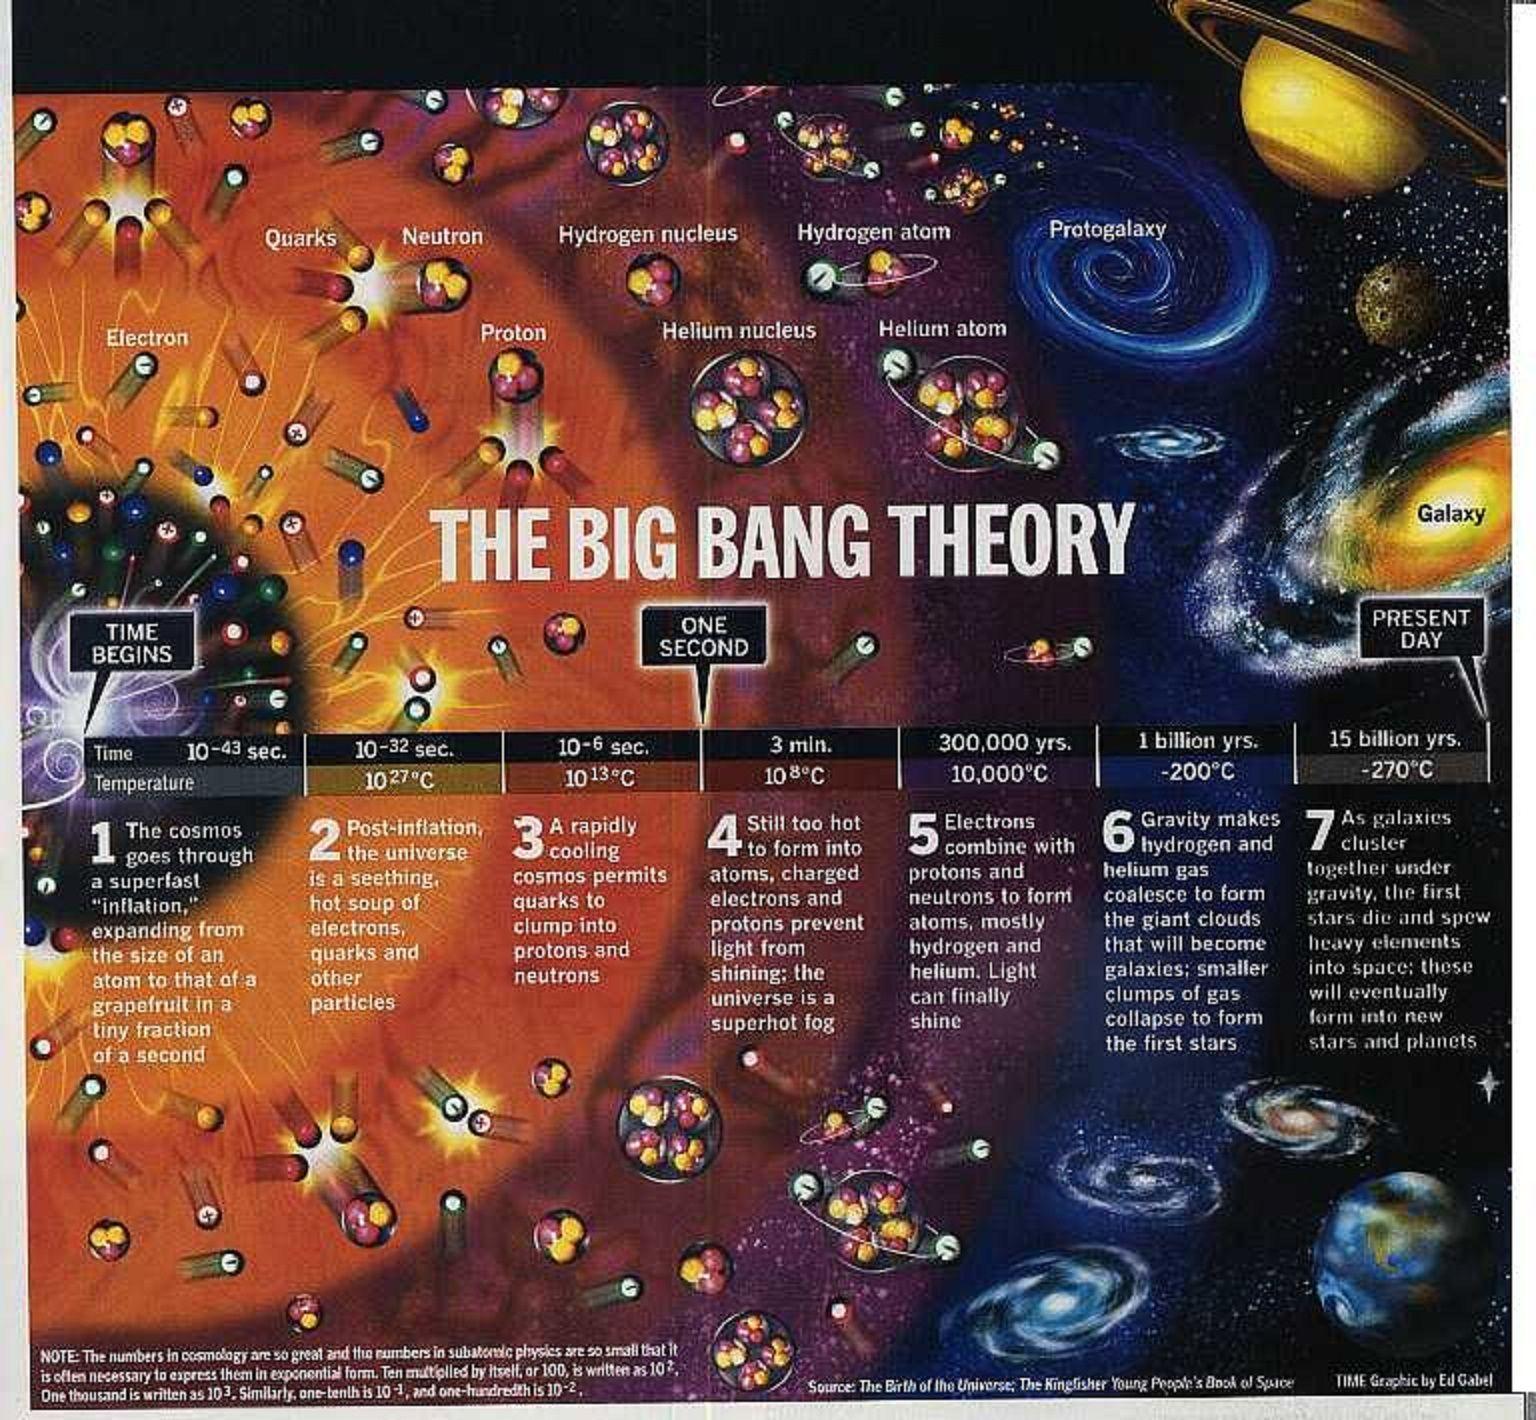 La Plenitud De Los Tiempos Espacio Y Astronomía Ciencia Y Conocimiento Hechos Científicos